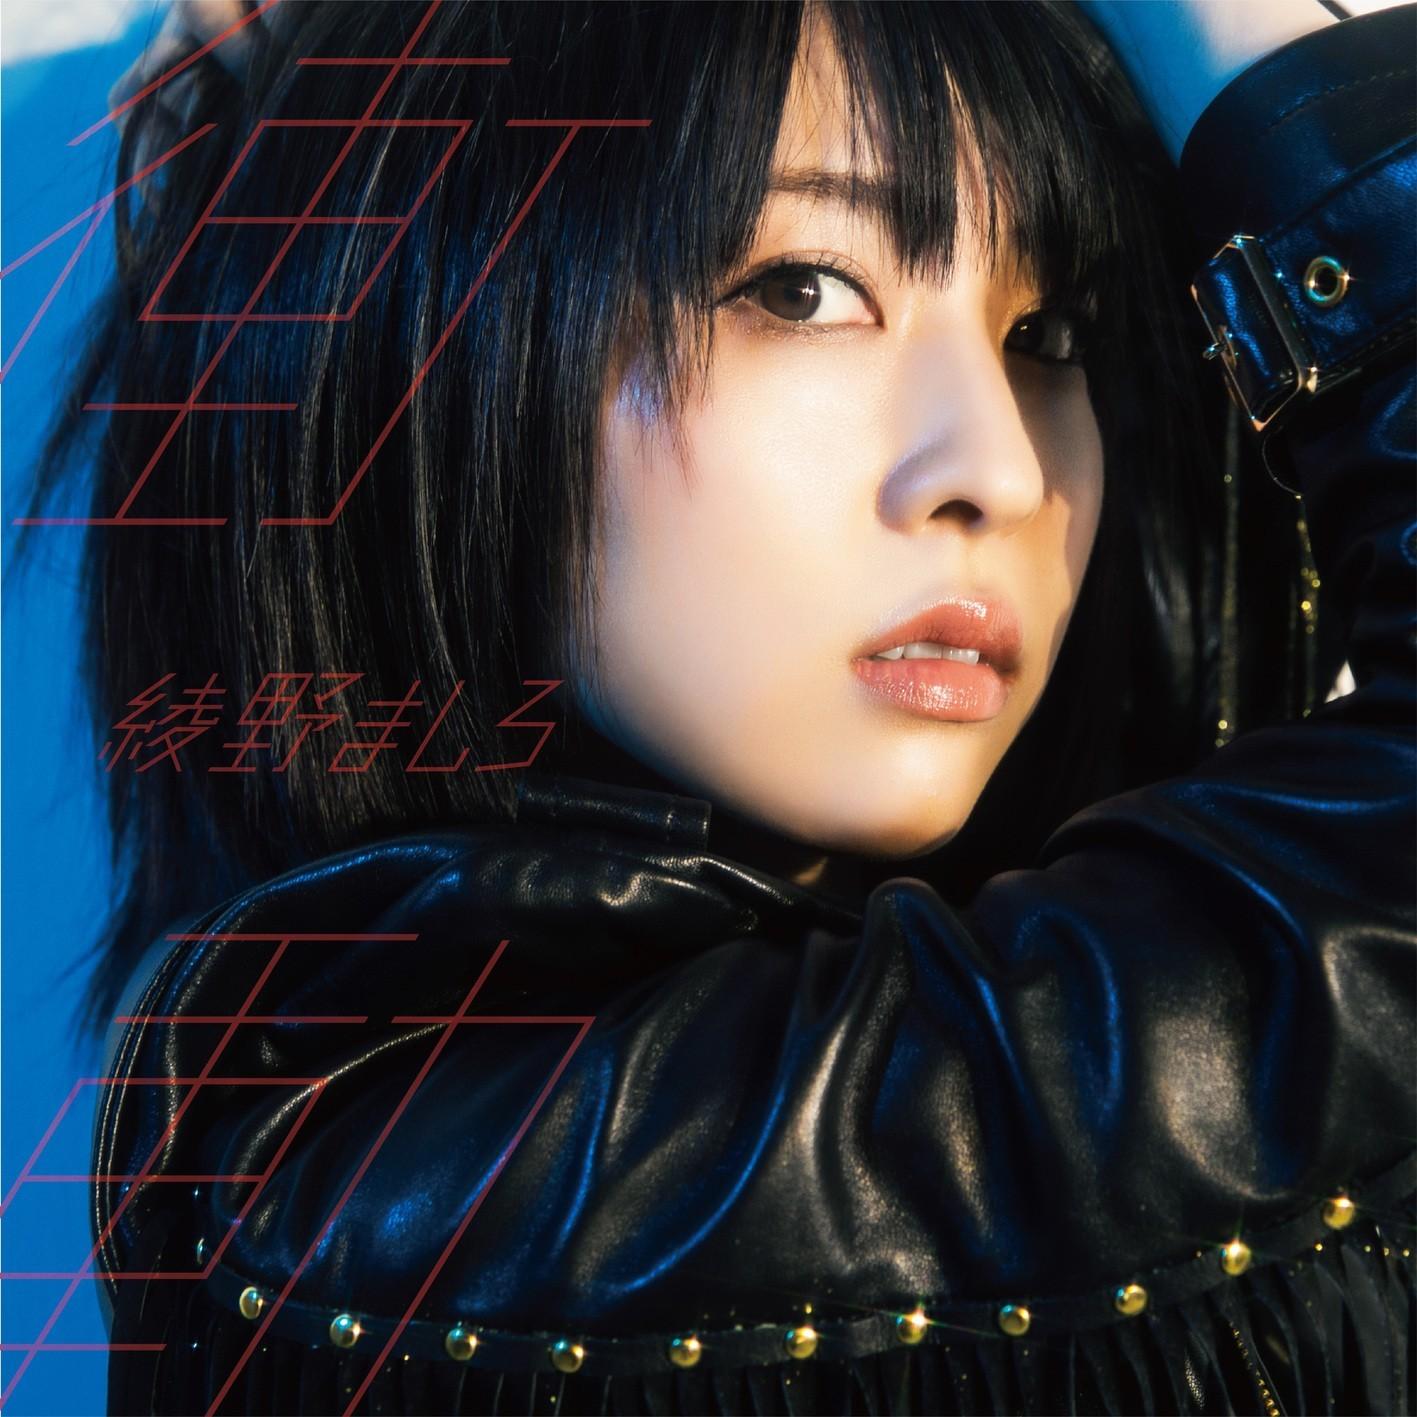 綾野ましろ (Mashiro Ayano) – 衝動 [24bit Lossless + MP3 320 / WEB] [2018.05.16]